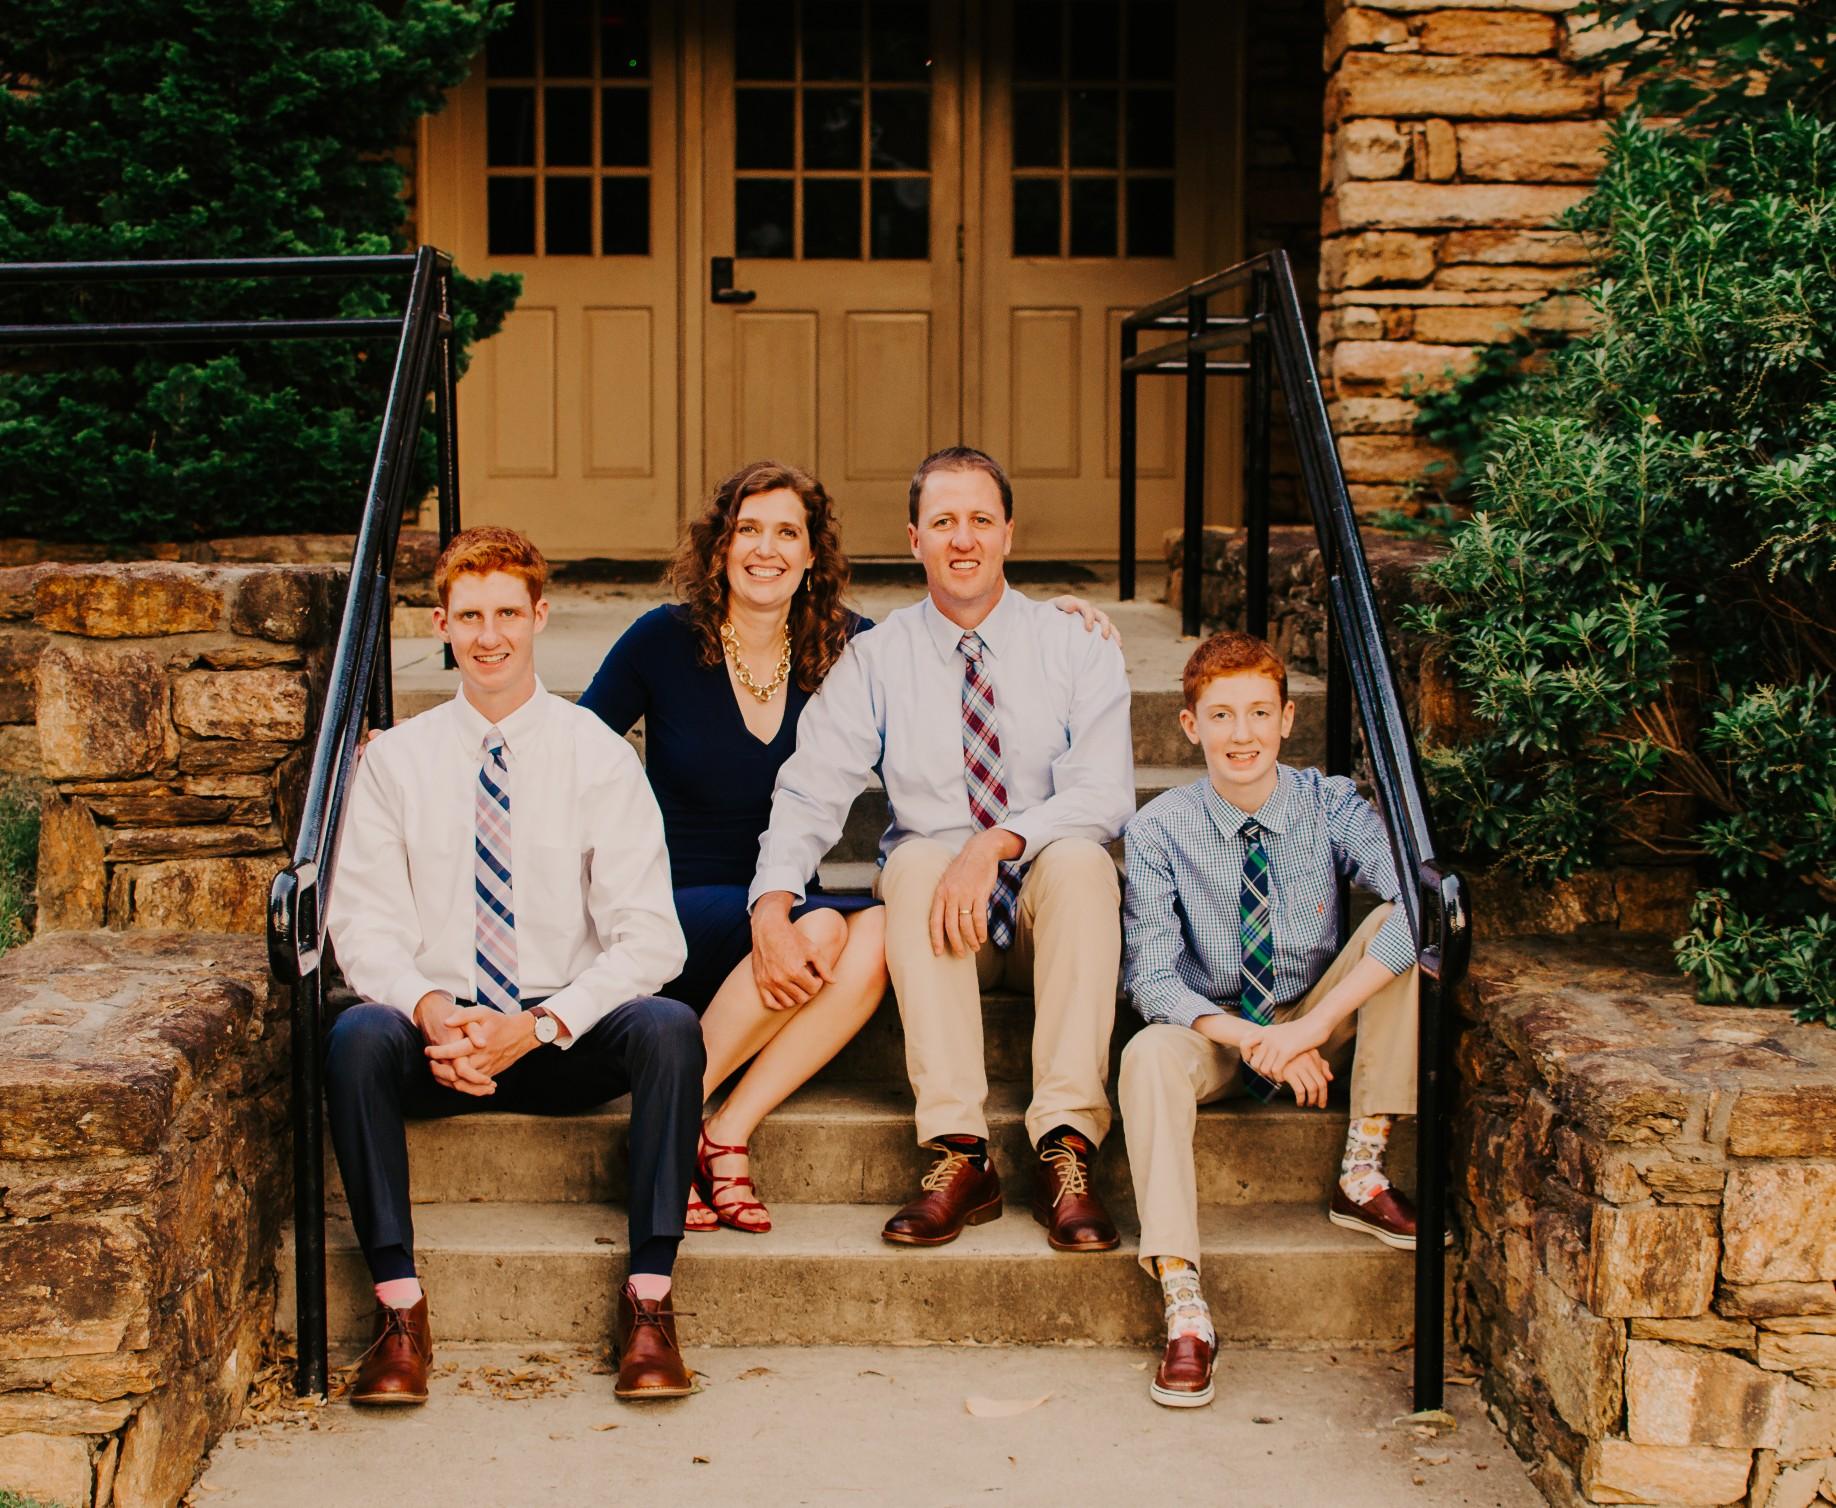 family-portrait-session.jpg.